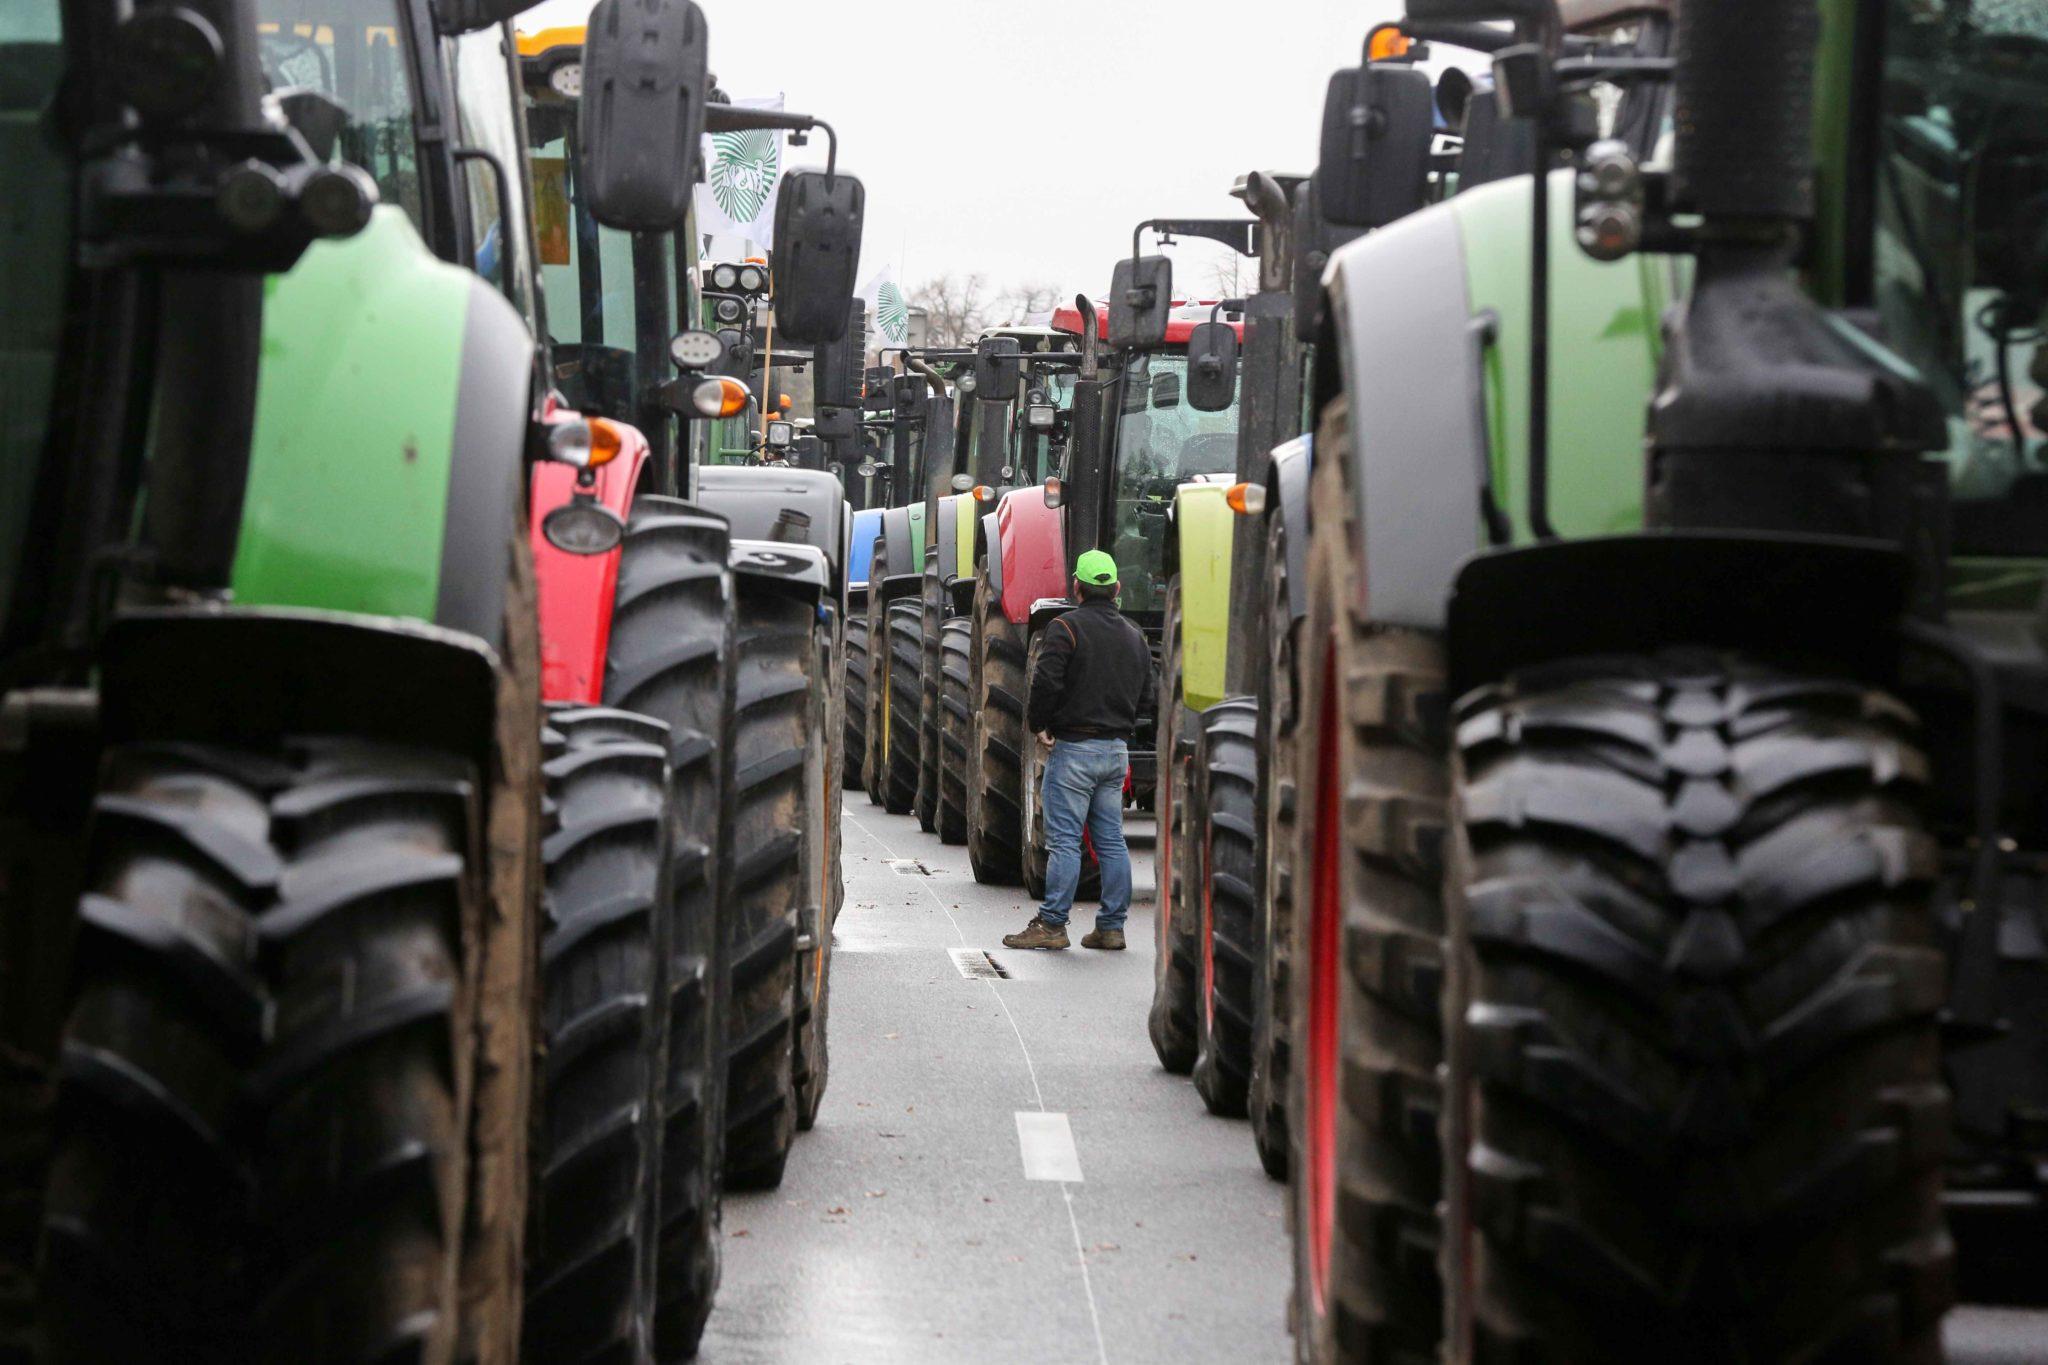 Les agriculteurs conduisent leurs tracteurs sur le périphérique parisien. © Michel Stoupak. Mer 27.11.2019, 14:51:10.